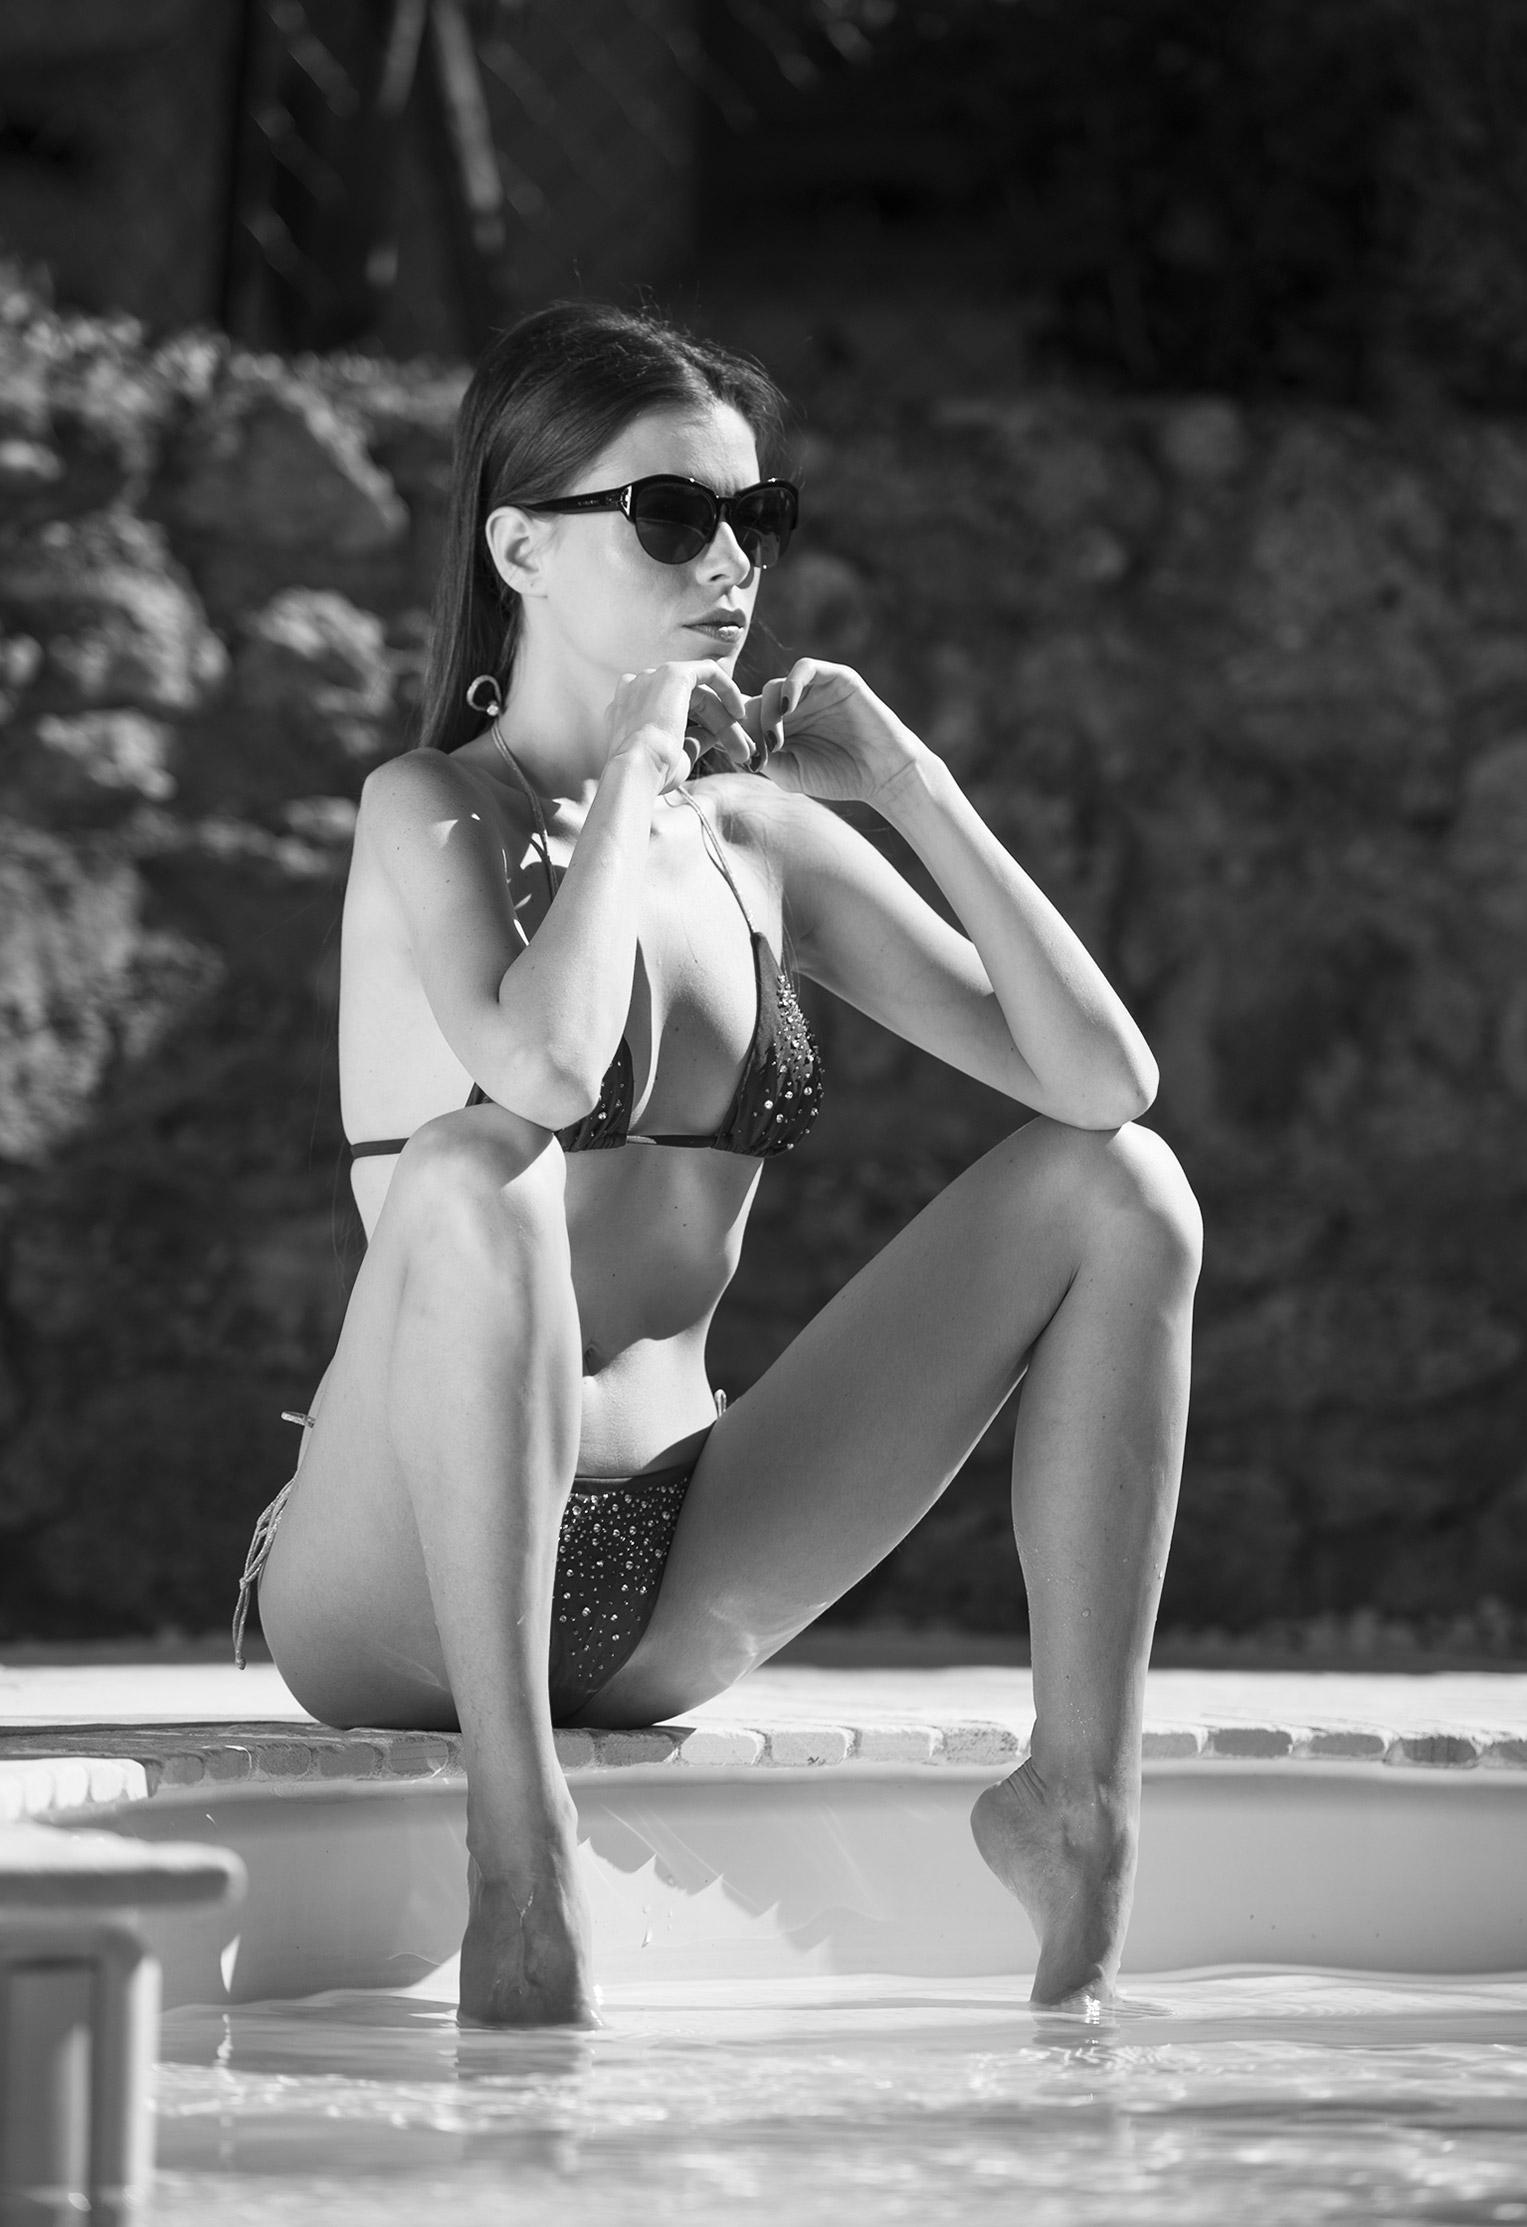 Жаркий день у бассейна с сексуальной Алексой Слюсарчи / Aleksa Slusarchi nude by Martin Wieland / Hot Summer Day